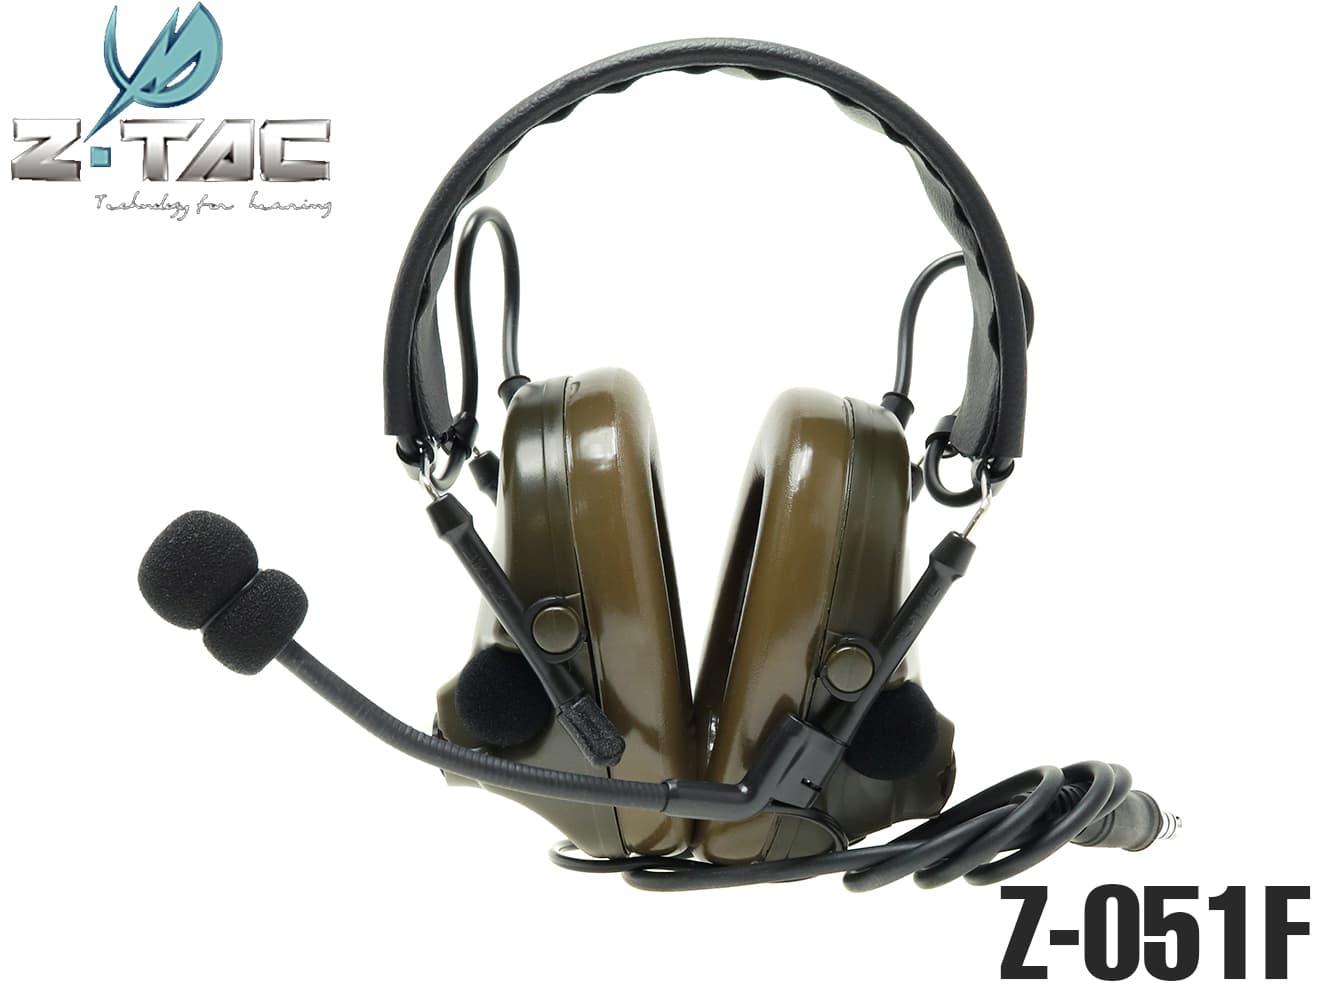 【正規代理店】Z-TACTICAL CMTC III タクティカルヘッドセット FG◆Zタクティカル CMTC 3 ノイズカット/サラウンド機能 NAVYSEALs装備に